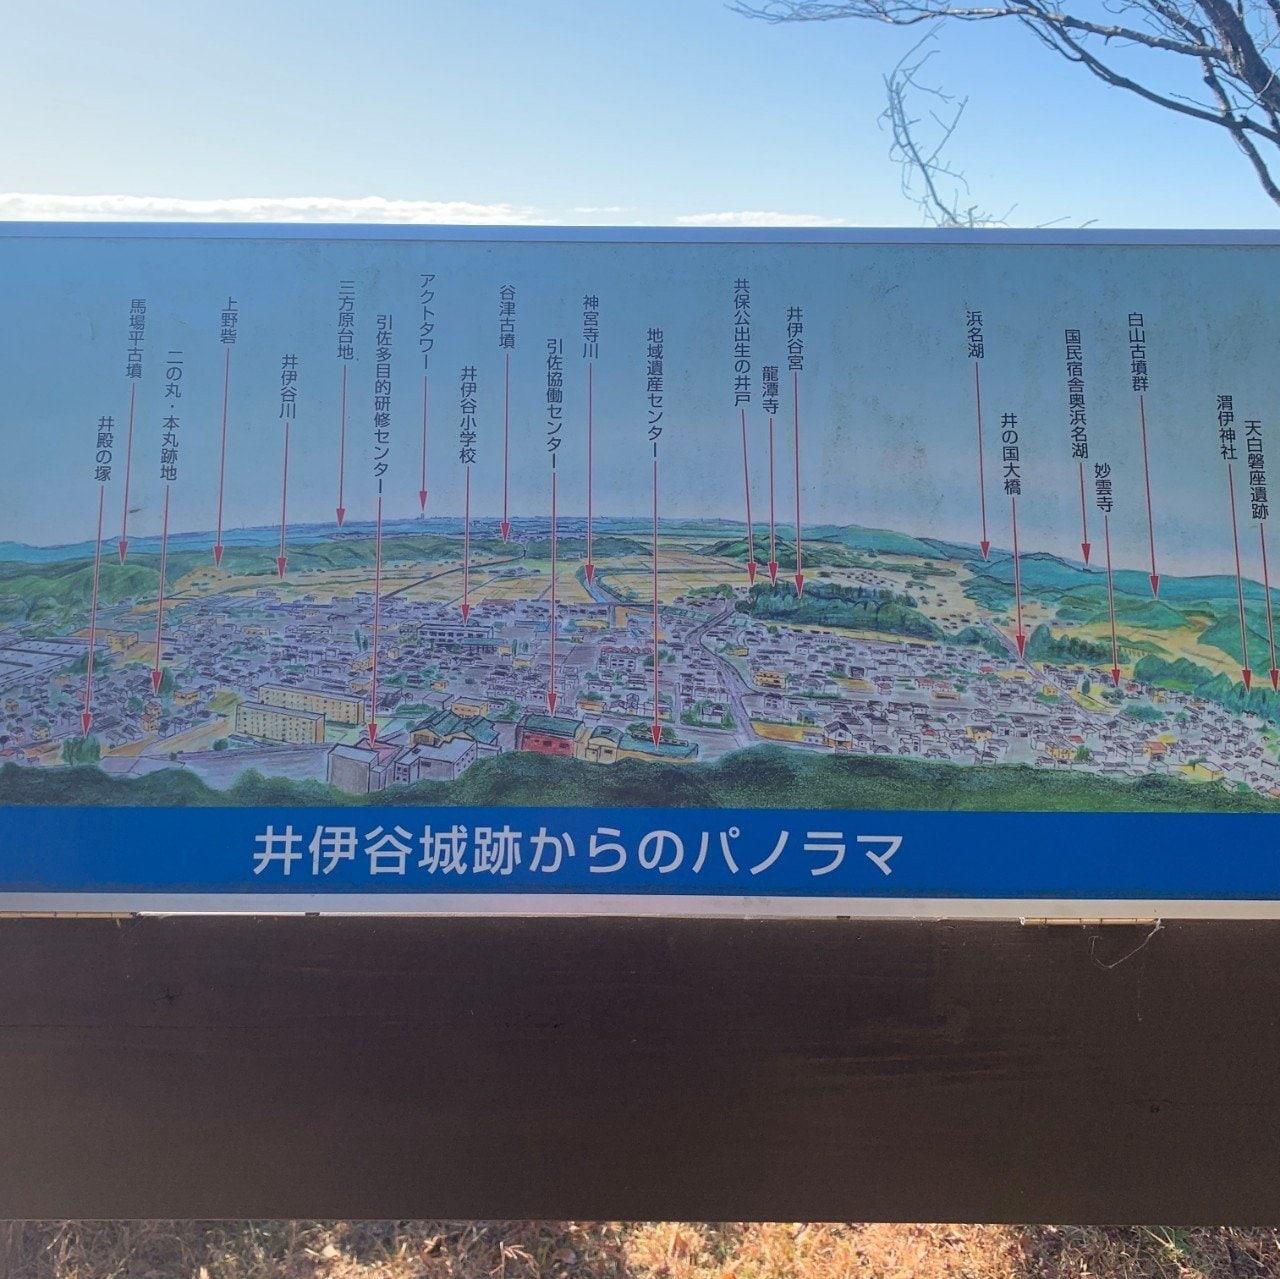 井伊谷城跡展望台(いいのやじょうあとてんぼうだい)/✿桜の名所!北区直虎ビューポイント♪/いなさマップ「H」のイメージその1